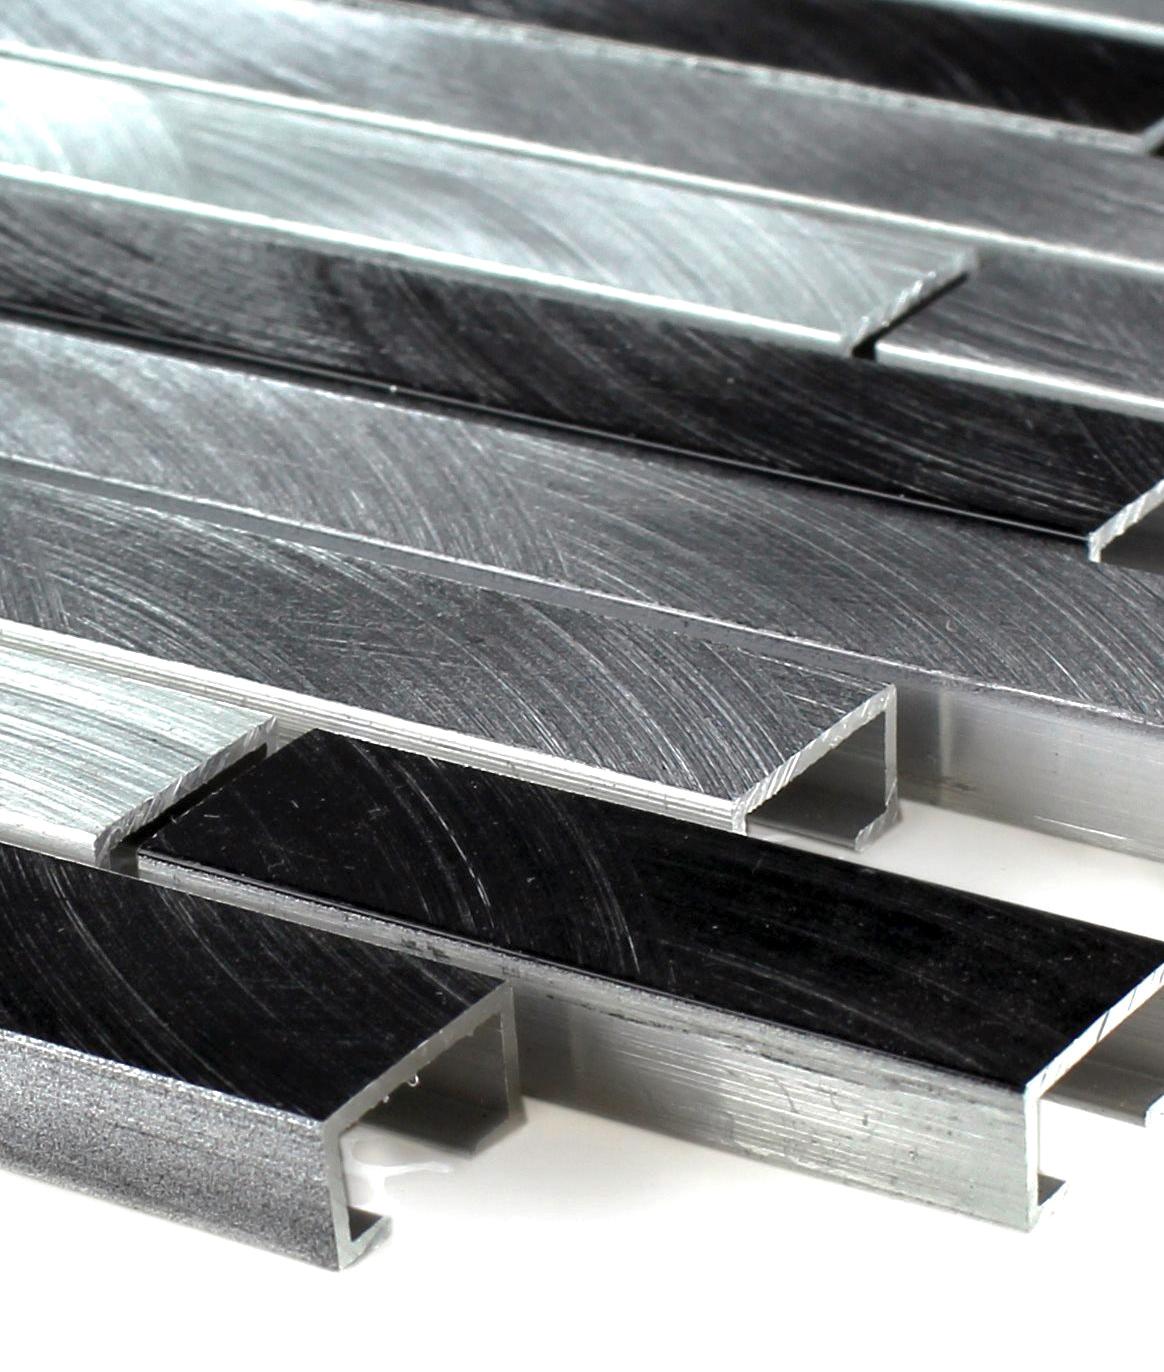 Uses of aluminium, properties